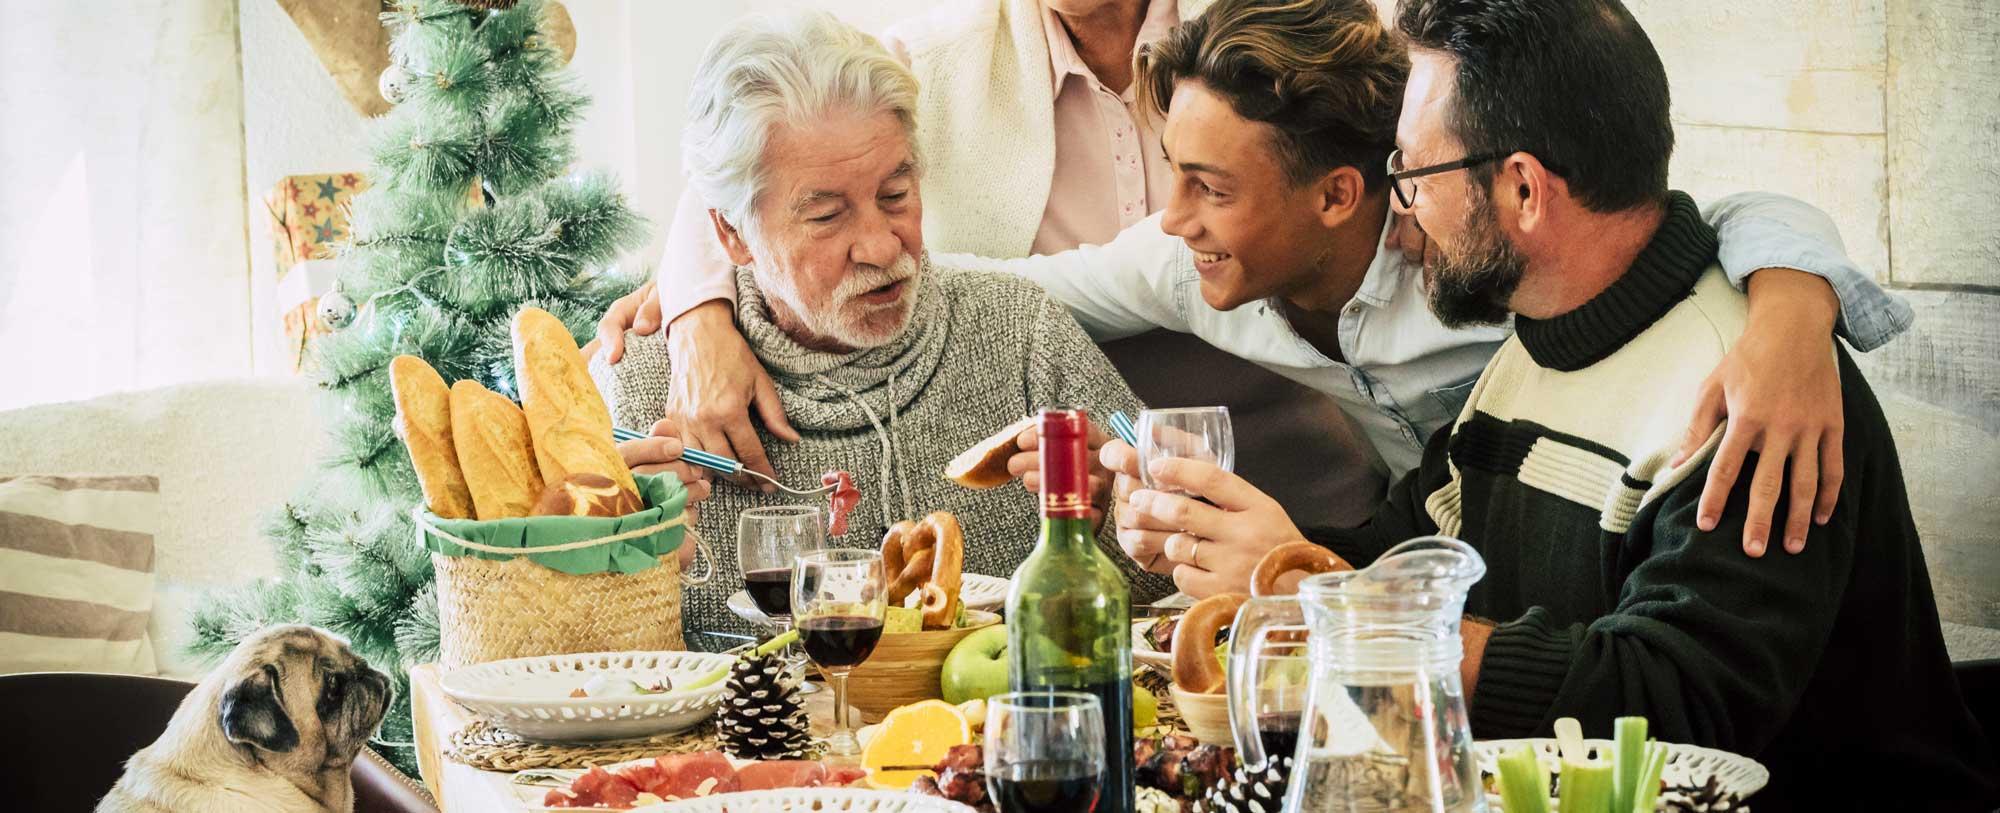 anziani alimentazione inverno